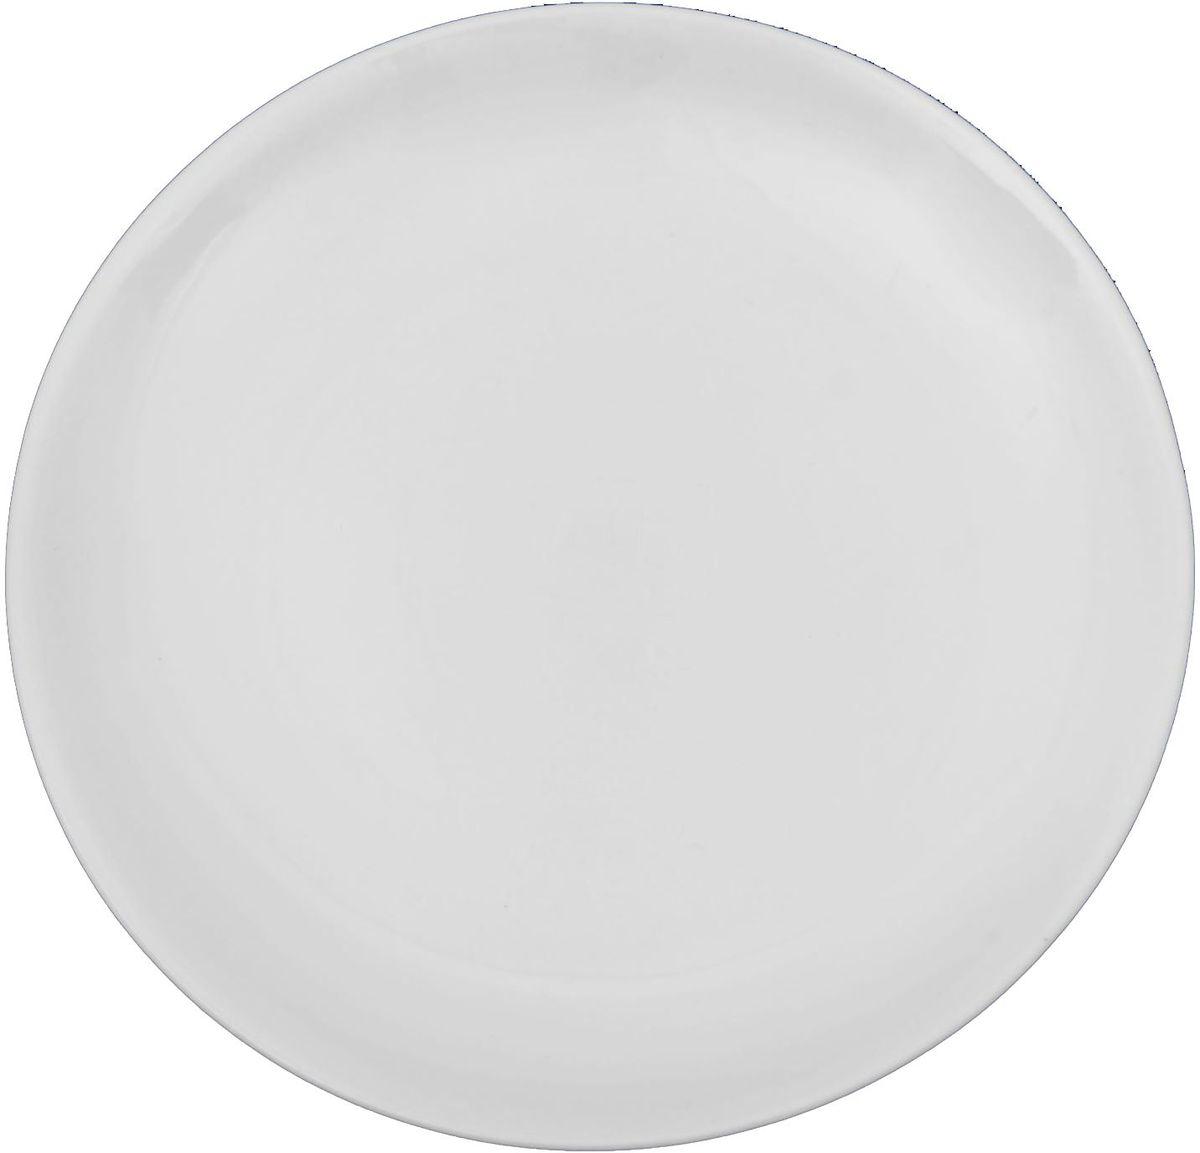 Тарелка Turon Porcelain Классика, диаметр 19,5 см1625429Узбекская посуда известна всему миру уже более тысячи лет. Ей любовались царские особы, на ней подавали еду шейхам и знатным персонам. Формула глазури передаётся из поколения в поколение. По сей день качественные изделия продолжают восхищать своей идеальной формой.Данный предмет подойдёт для повседневной и праздничной сервировки. Дополните стол текстилем и салфетками в тон, чтобы получить элегантное убранство с яркими акцентами.